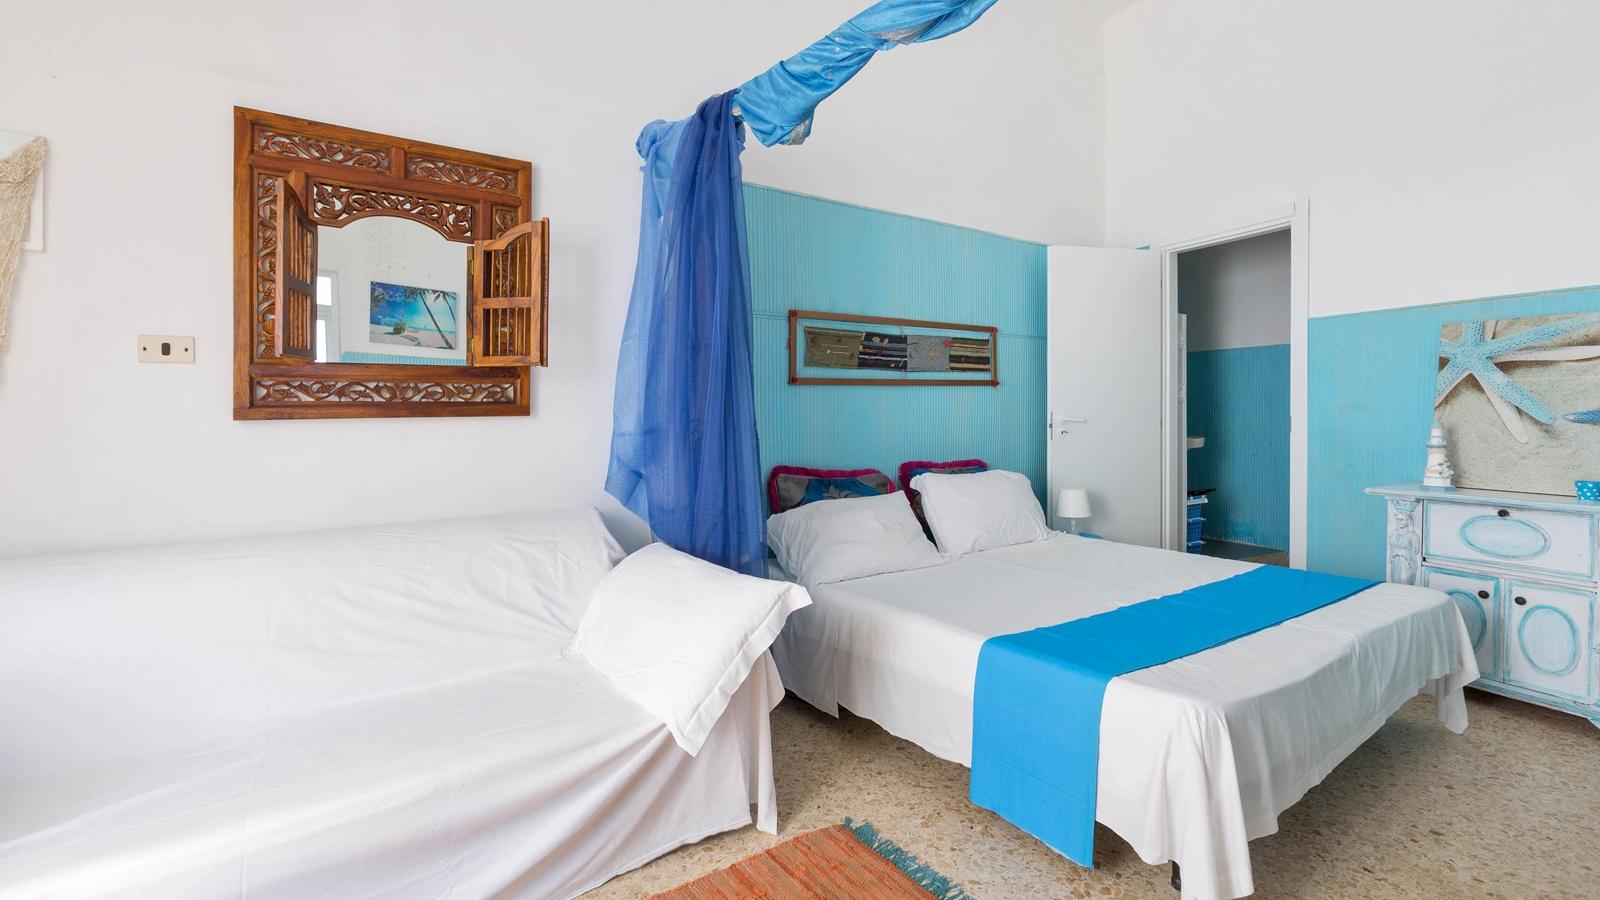 vacanze ostuni casa renzo camera con divano letto